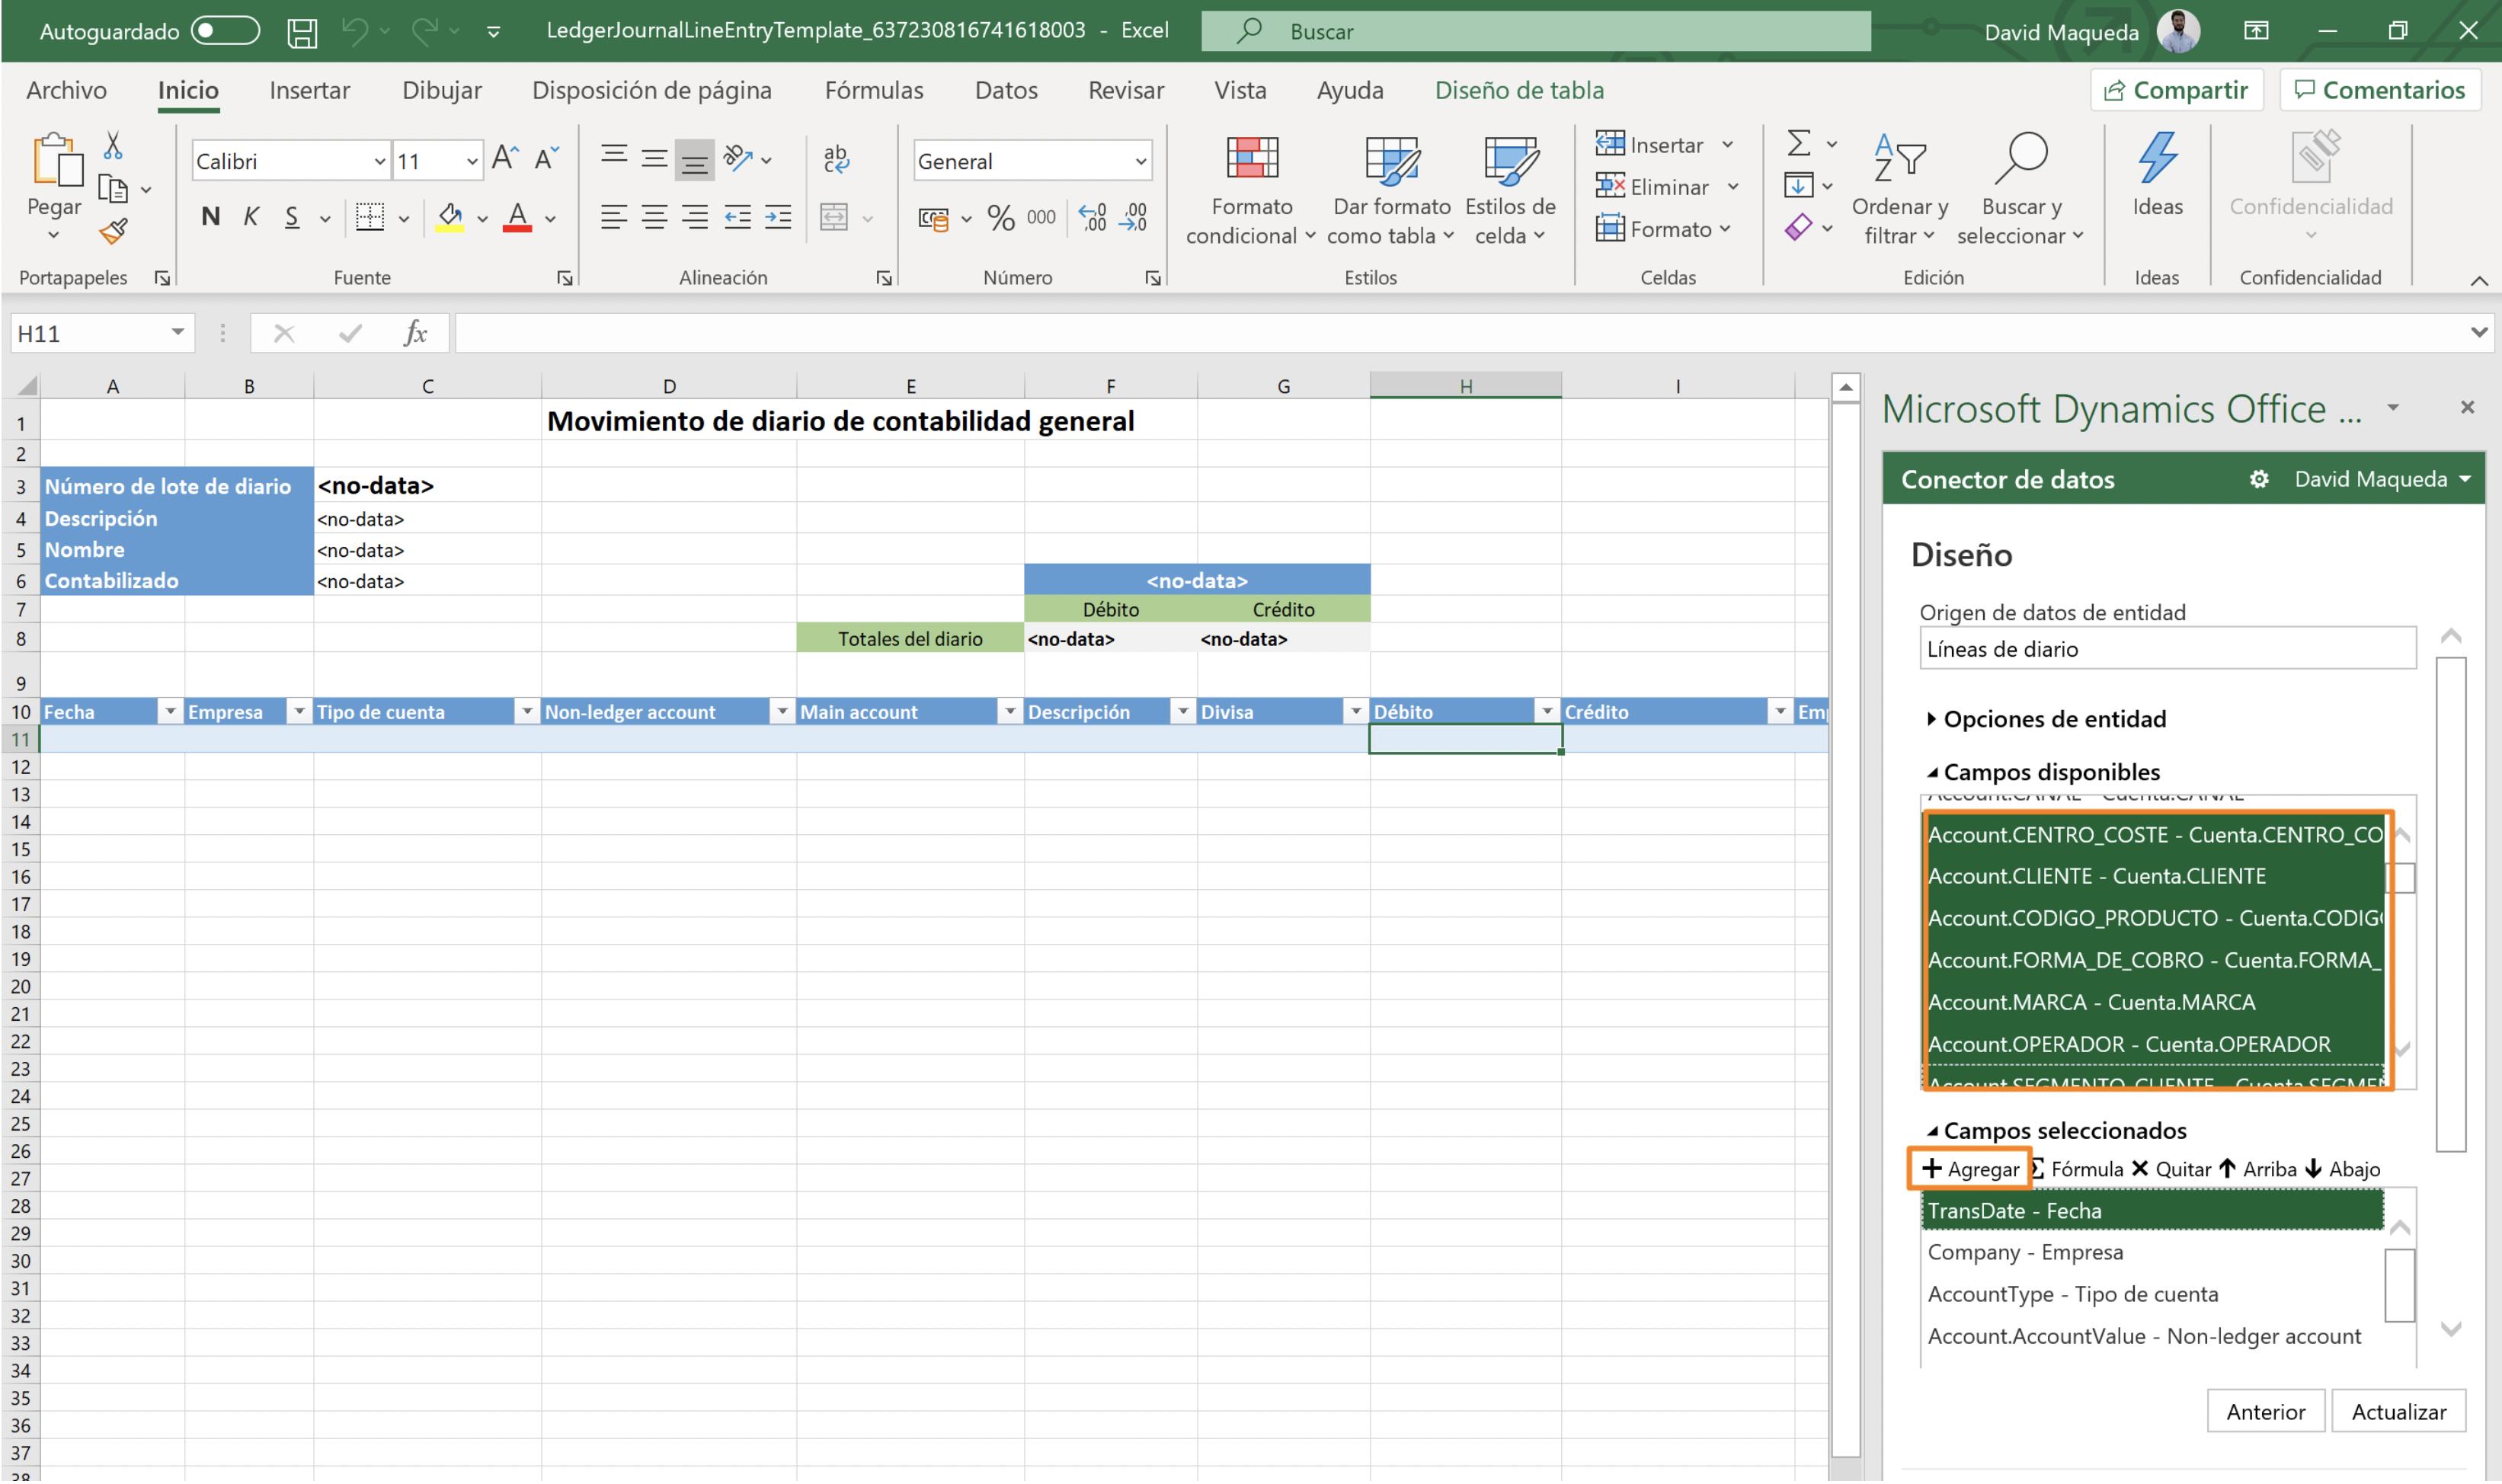 Editar plantillas de Excel para añadir Dimensiones financieras en MSDyn365FO Axazure